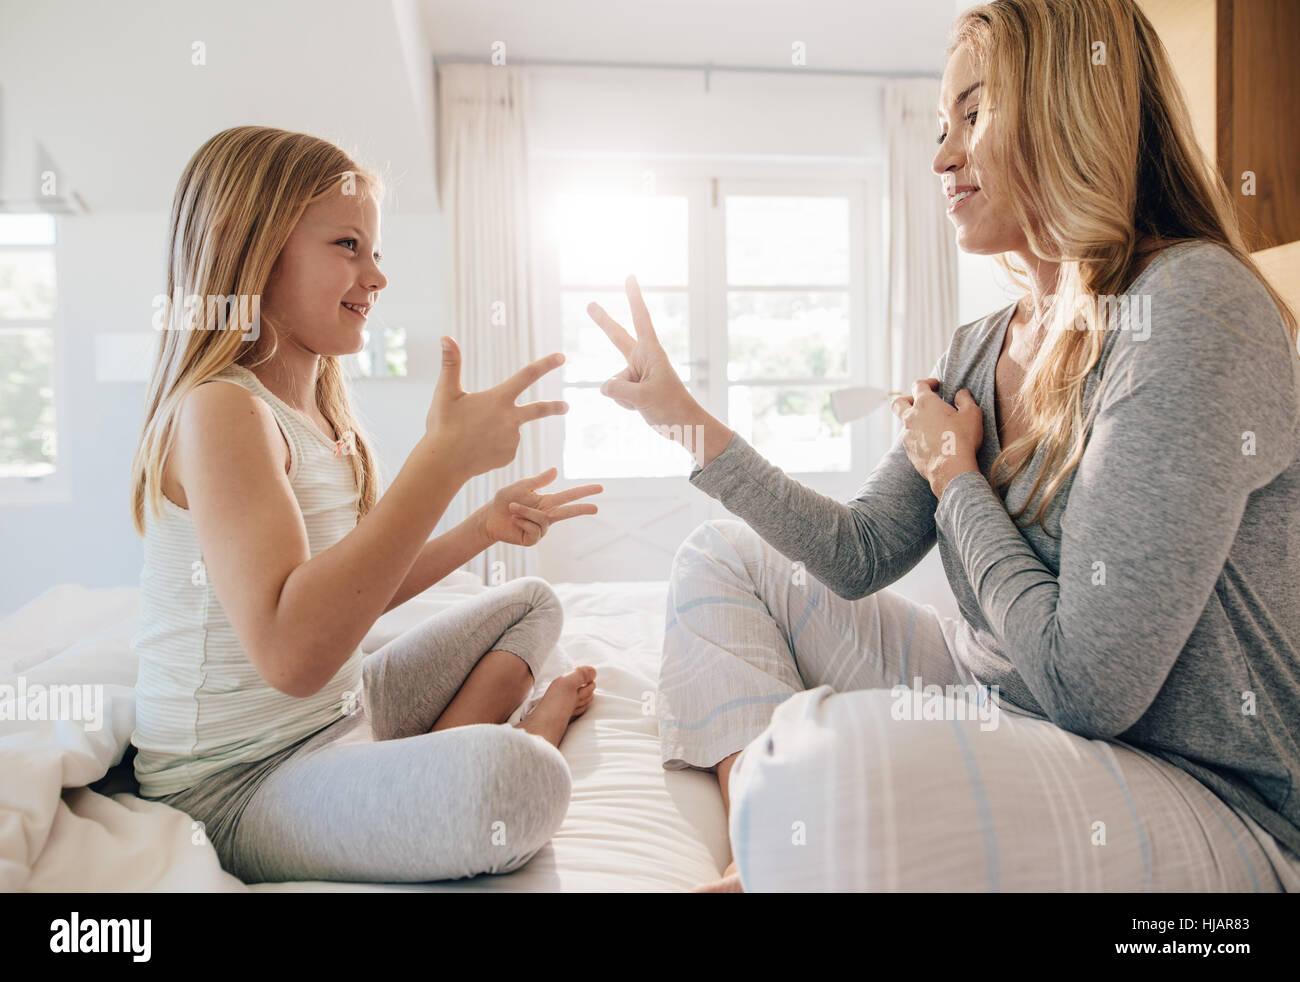 Vista lateral de disparo joven jugando con la niña en la cama, en su casa. Madre e hija jugar en el dormitorio. Imagen De Stock